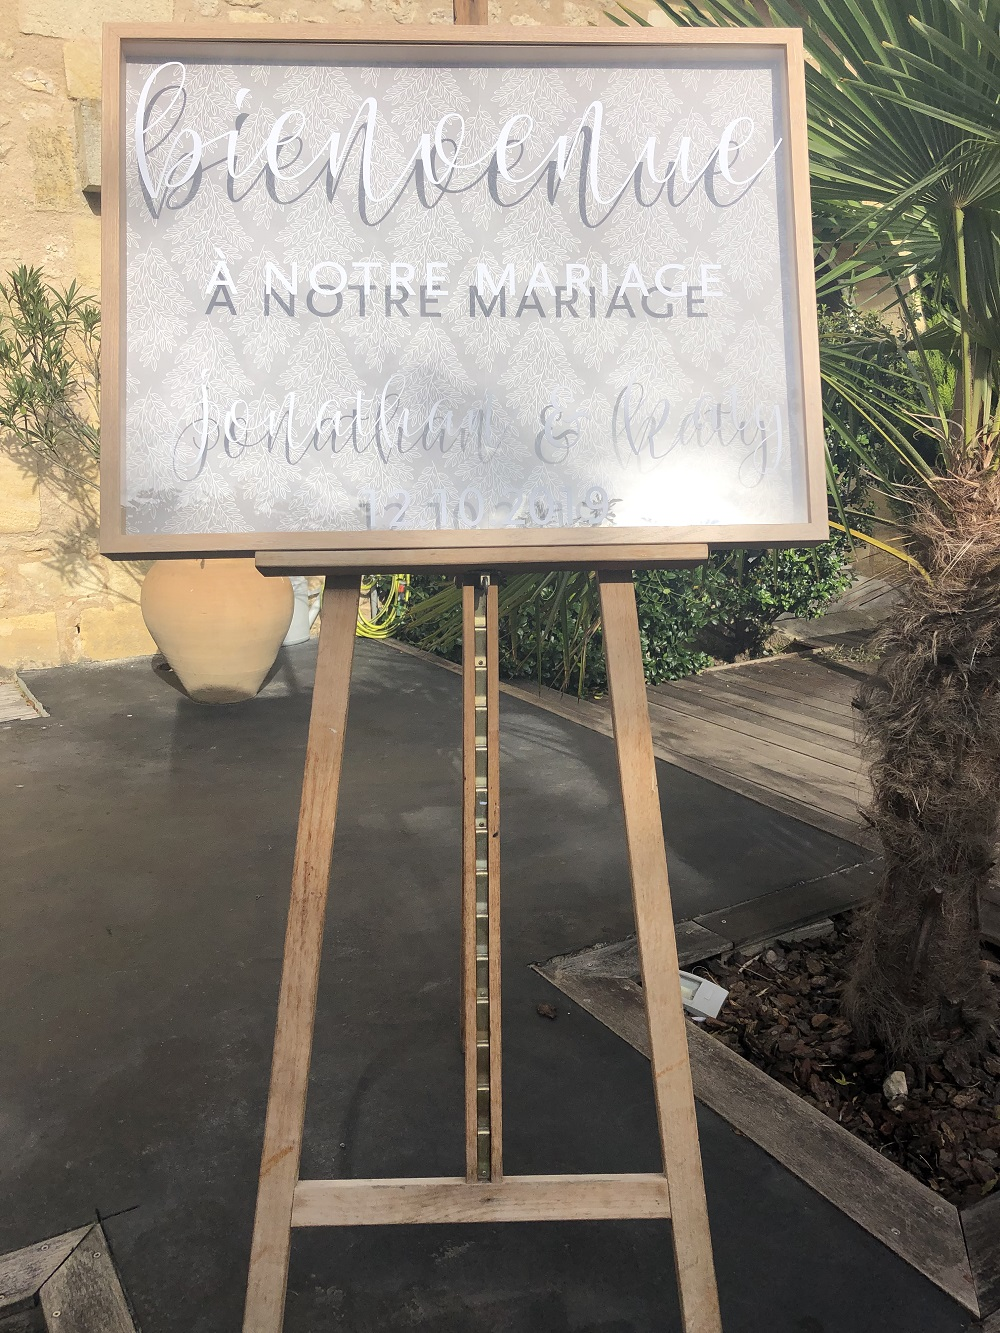 LA CUEVA 33420 GENISSAC - MARIAGE LE 12/10/2019